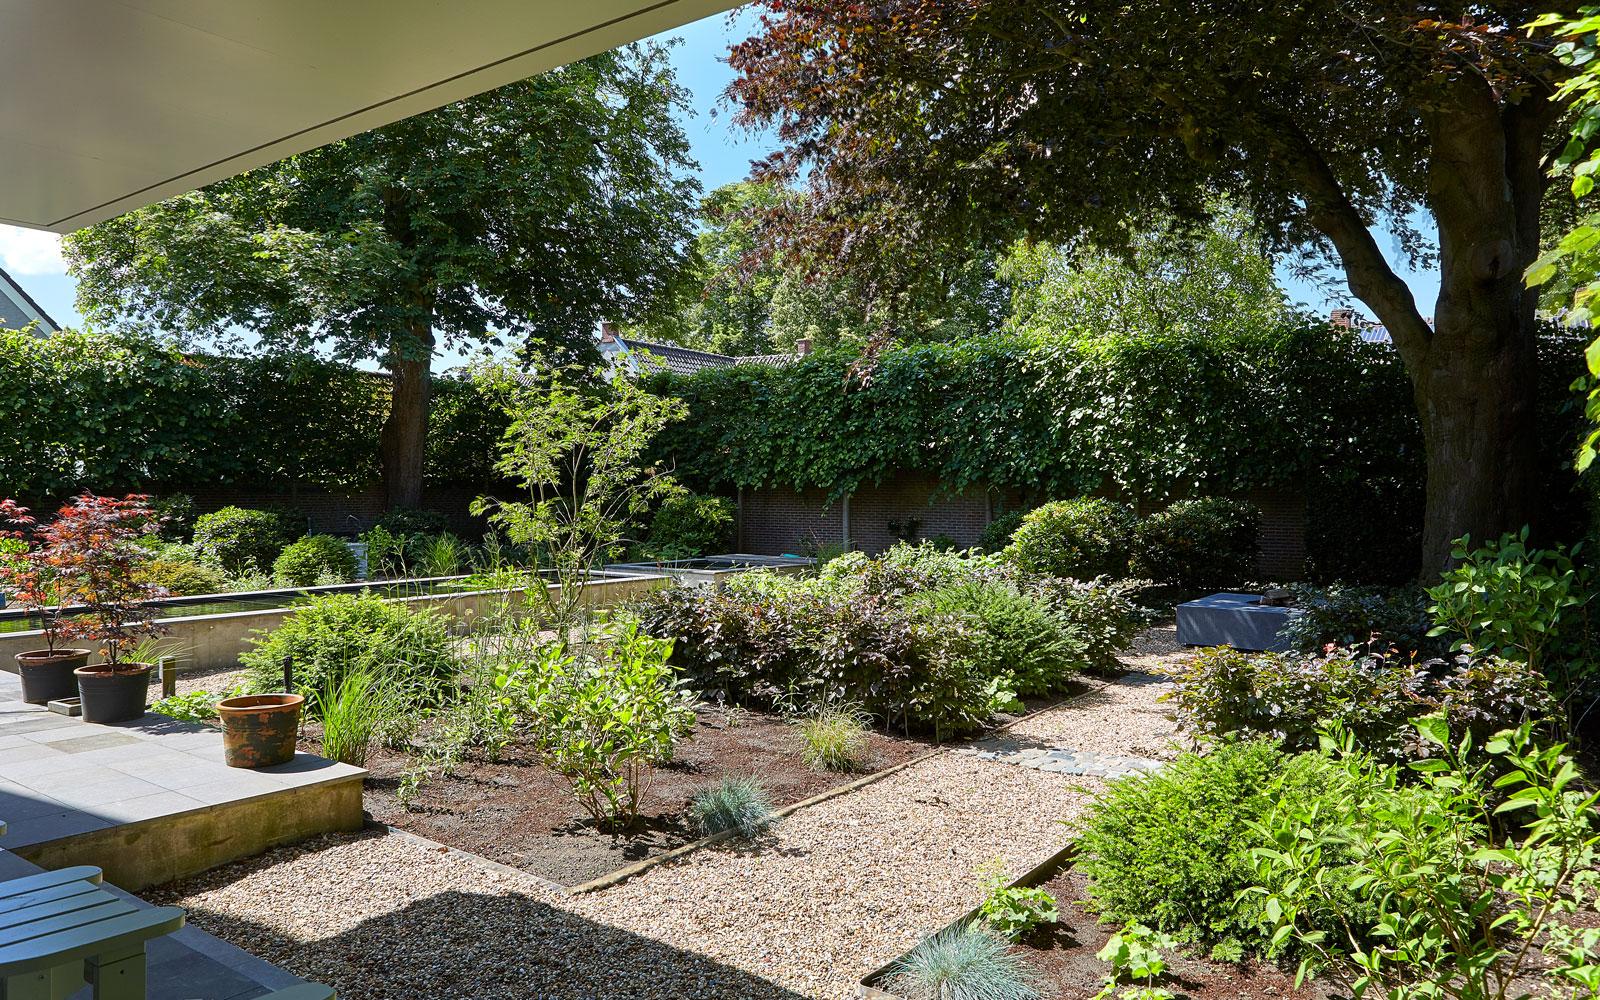 Victor Roosen Bijzondere Tuinen heeft het volledige tuinontwerp gerealiseerd.